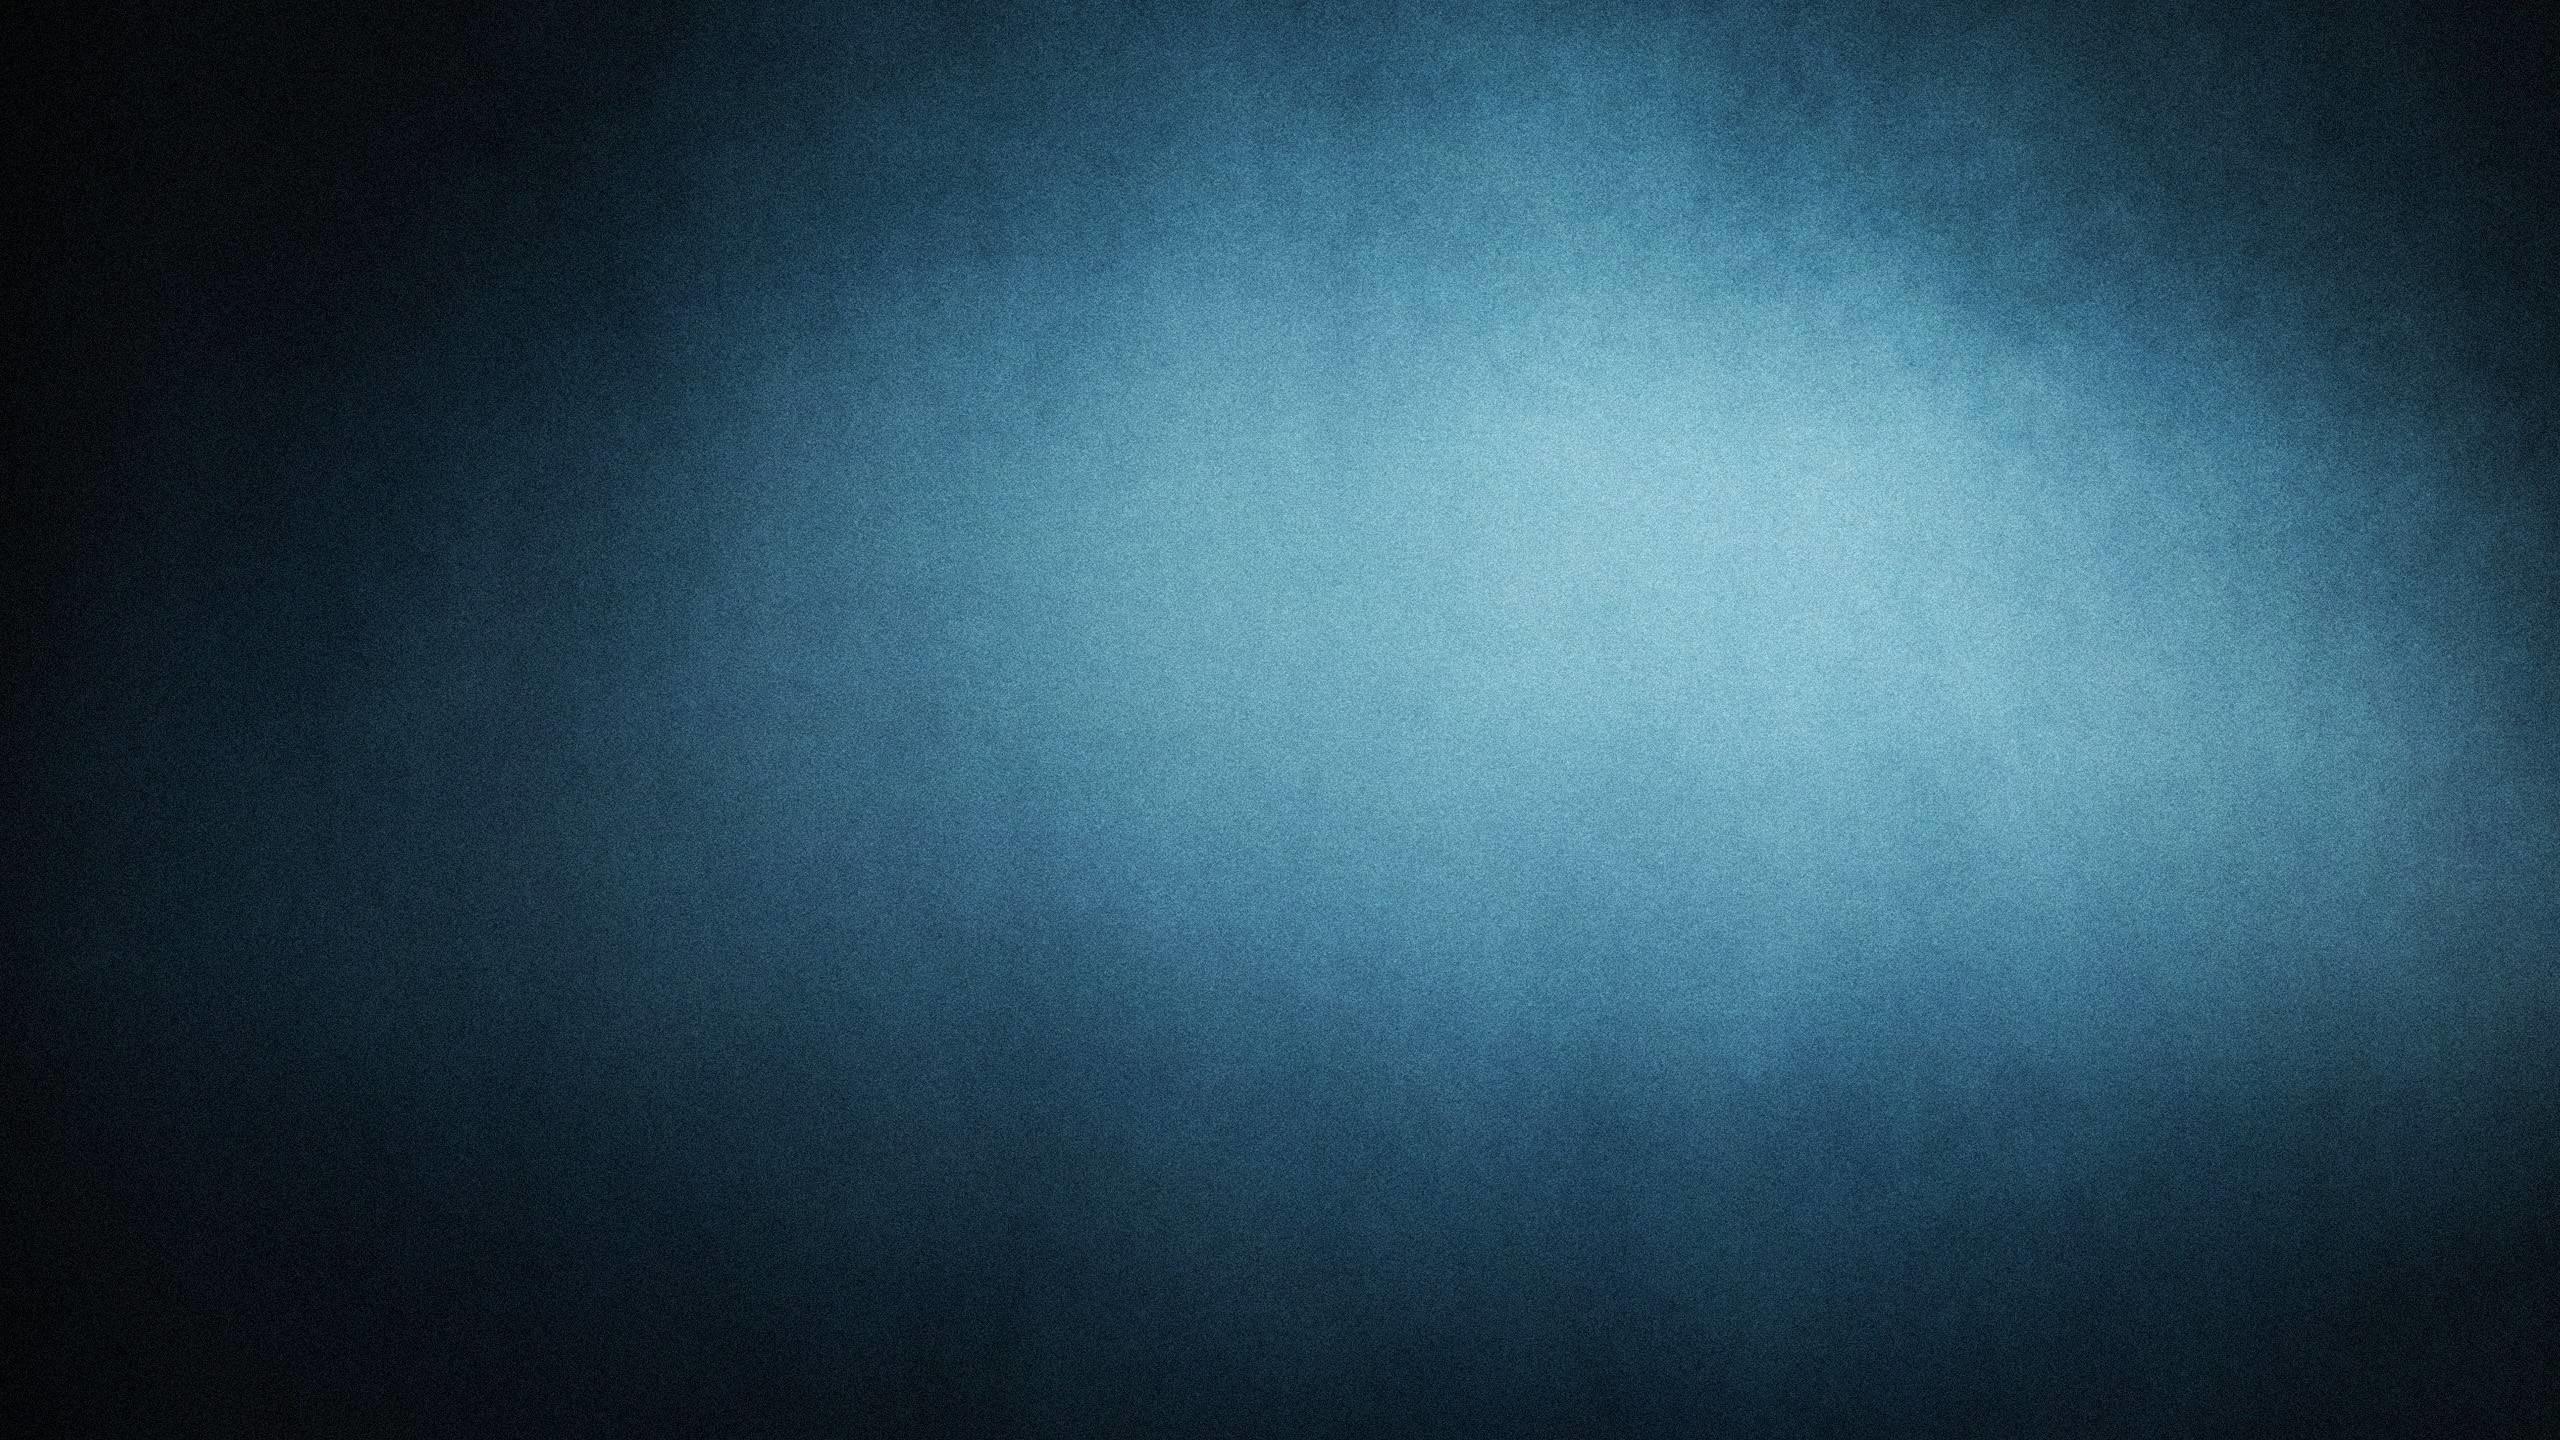 2560x1440 blue texture wallpaper 1211 textures pinterest textured wallpaper